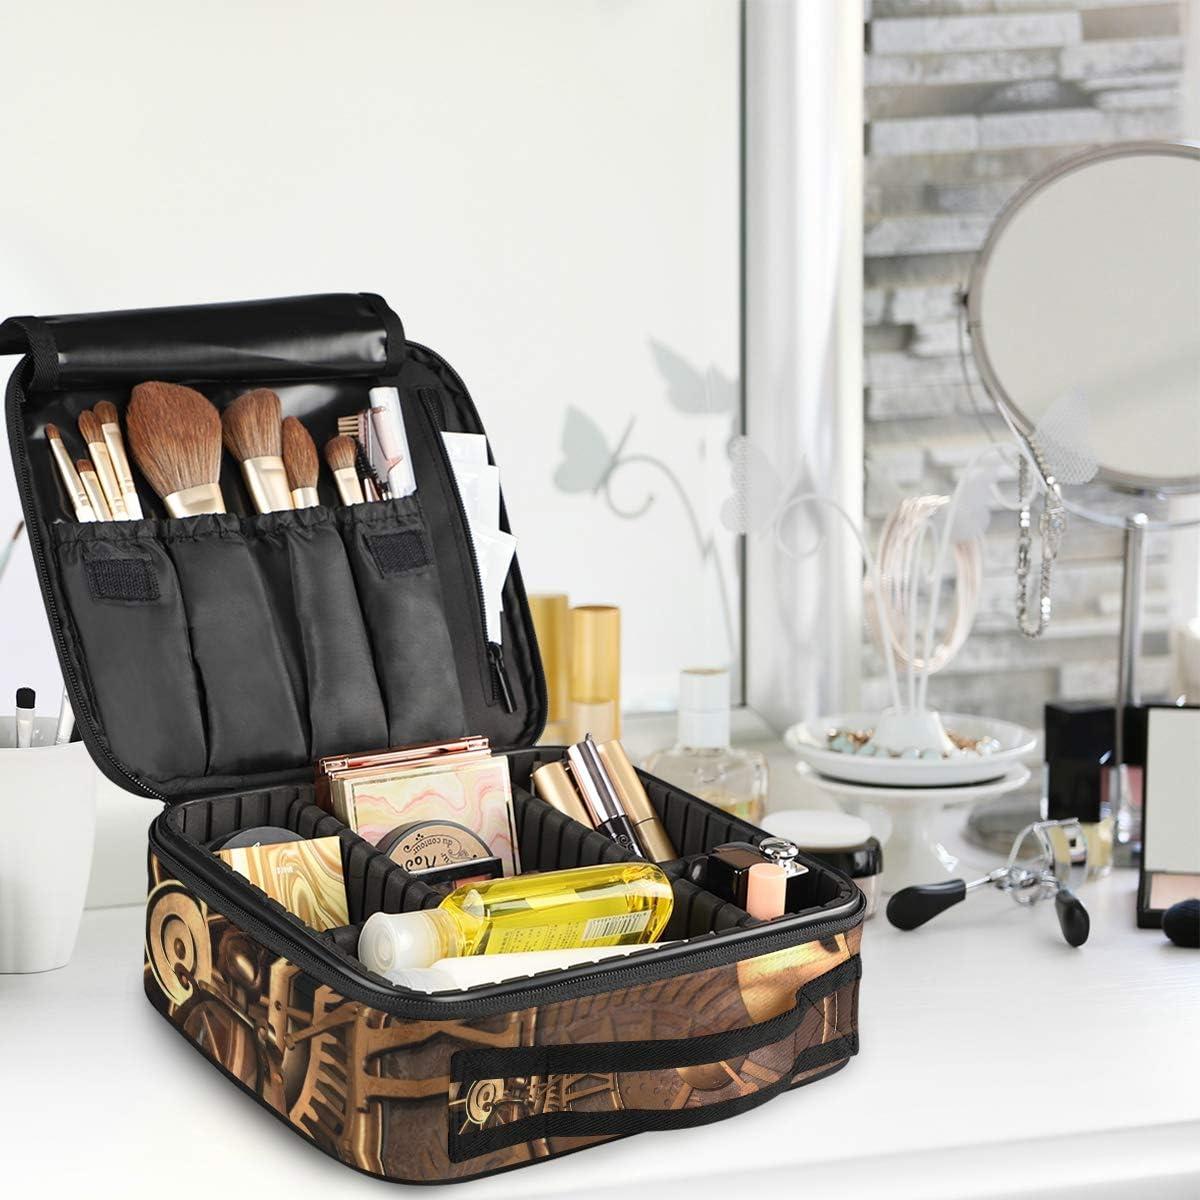 /étanche Steampunk Trousse de Maquillage Antique Organiseur de Maquillage Trousse de Toilette Portable en Tissu Oxford d/étachable